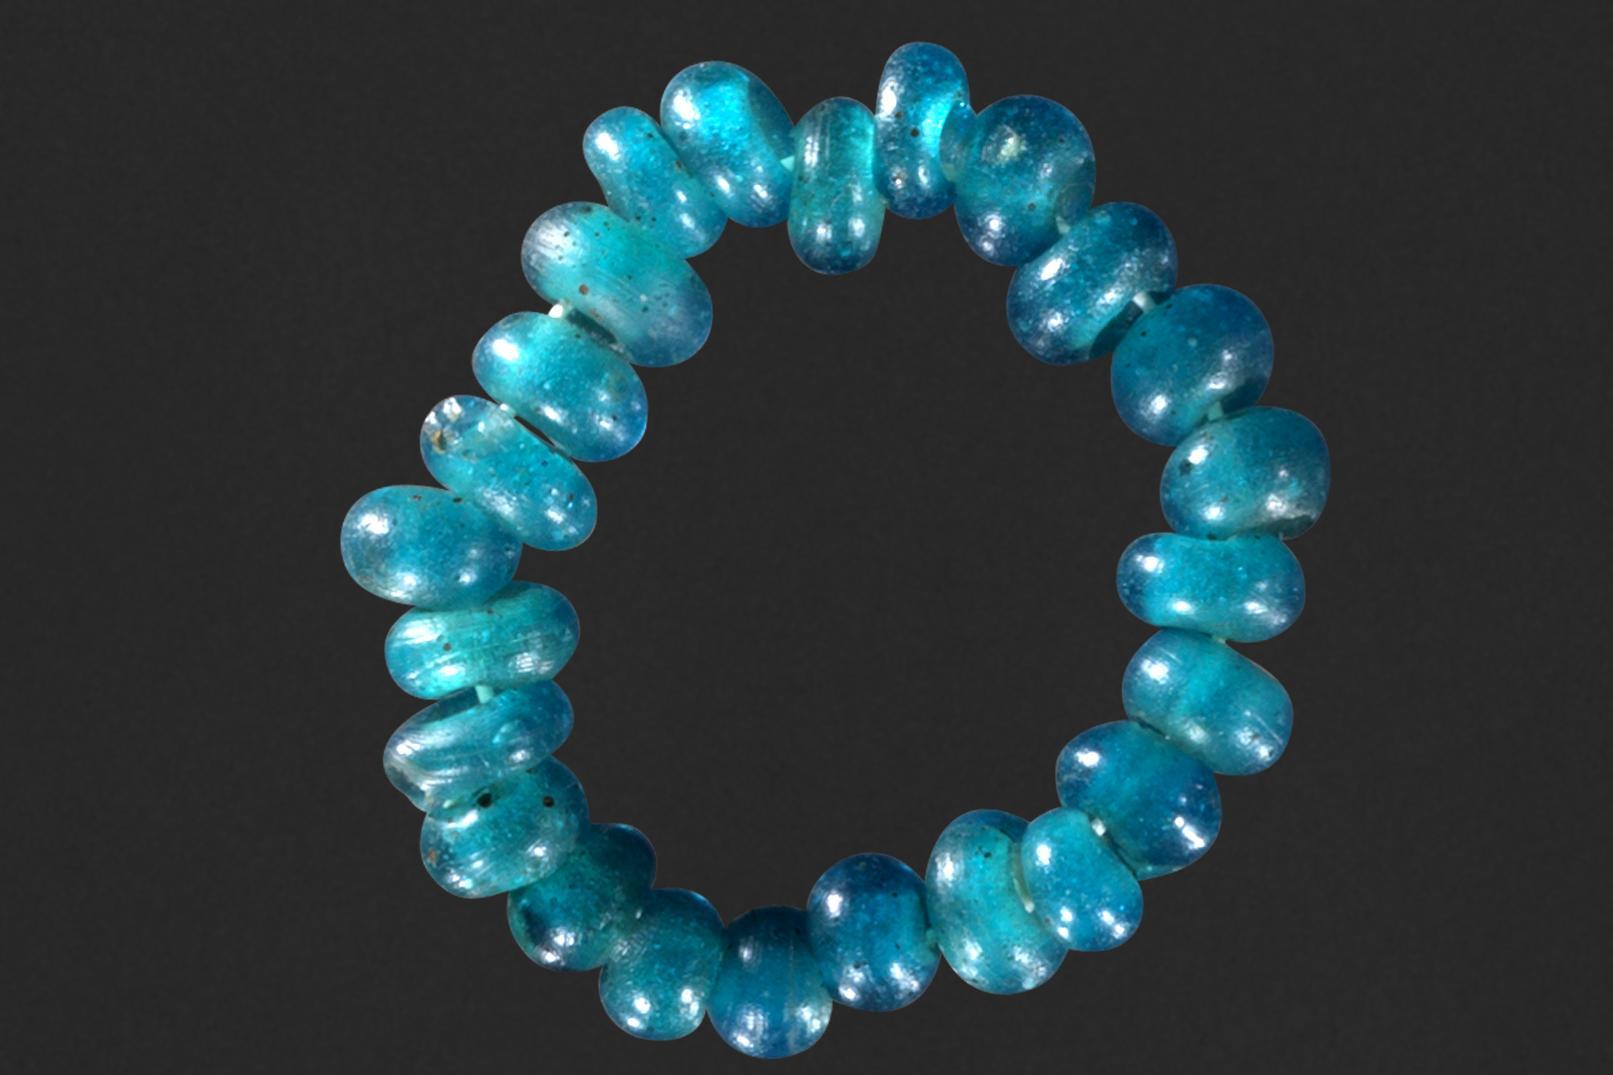 44 tyrkisblå perler fundet nord for Struer